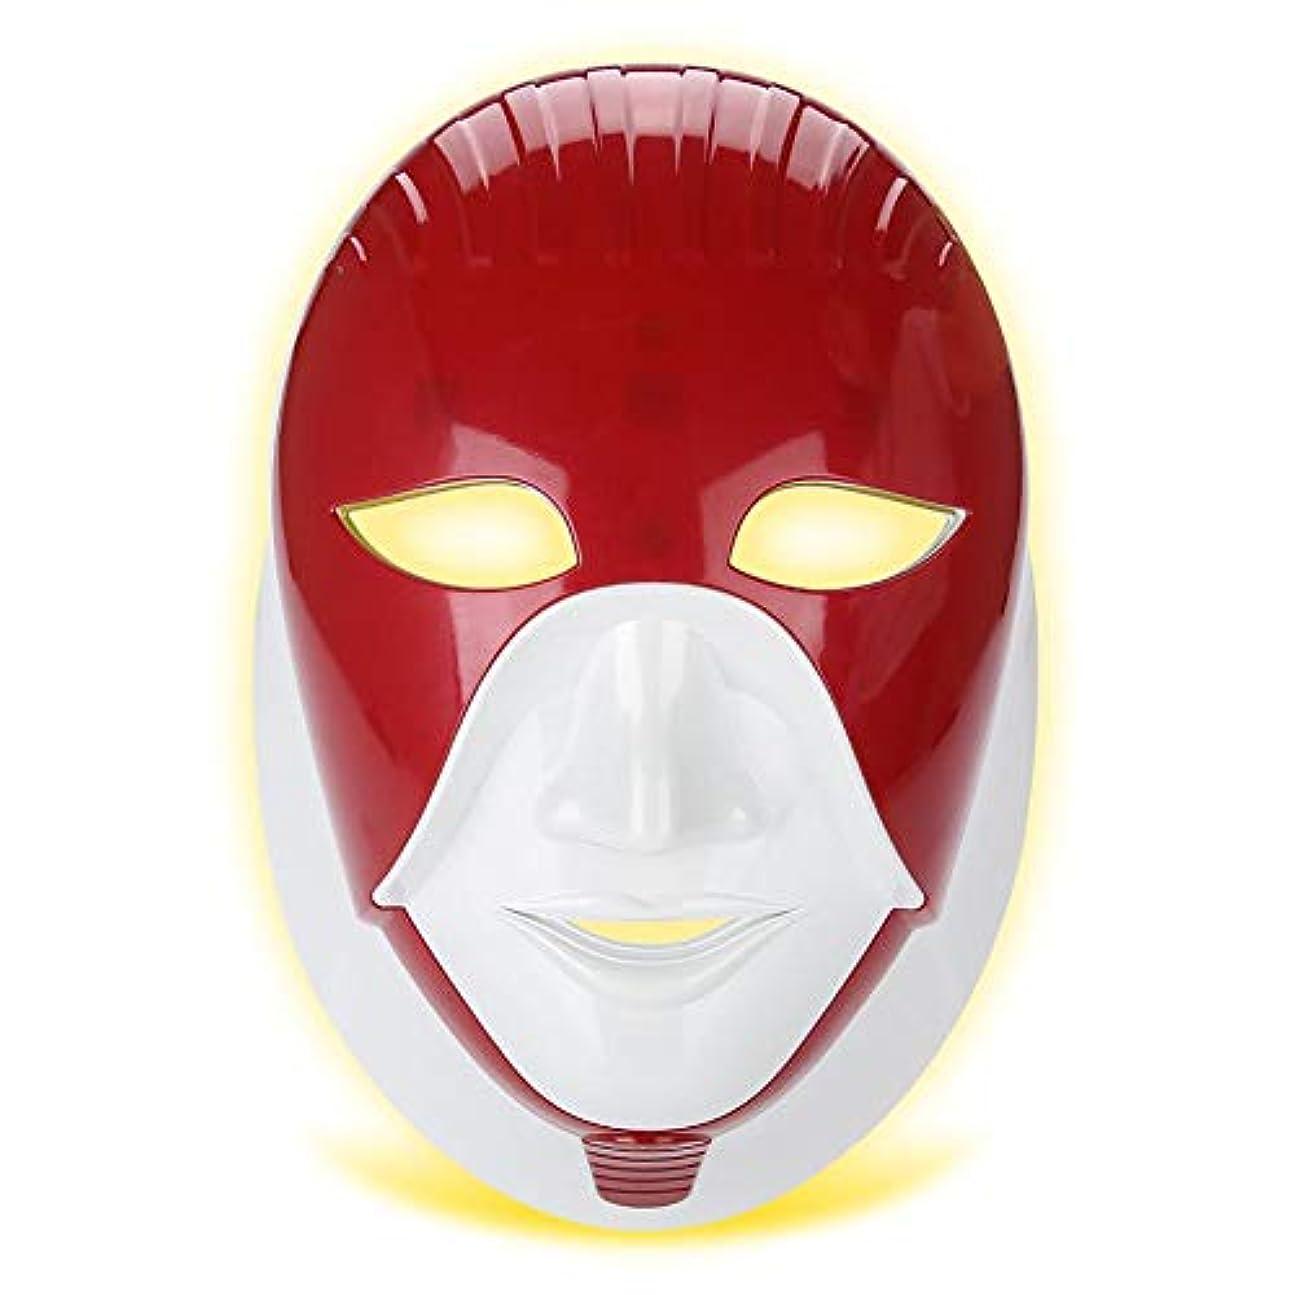 エレメンタル品揃え波紋LEDフェイシャルネックマスク、滑らかな肌のより良いのための7色のネオン - 輝くライトフェイスケア美容ツール、肌のリラクゼーショング、引き締め、調色、引き締まった肌、瑕疵び、美白(02#)